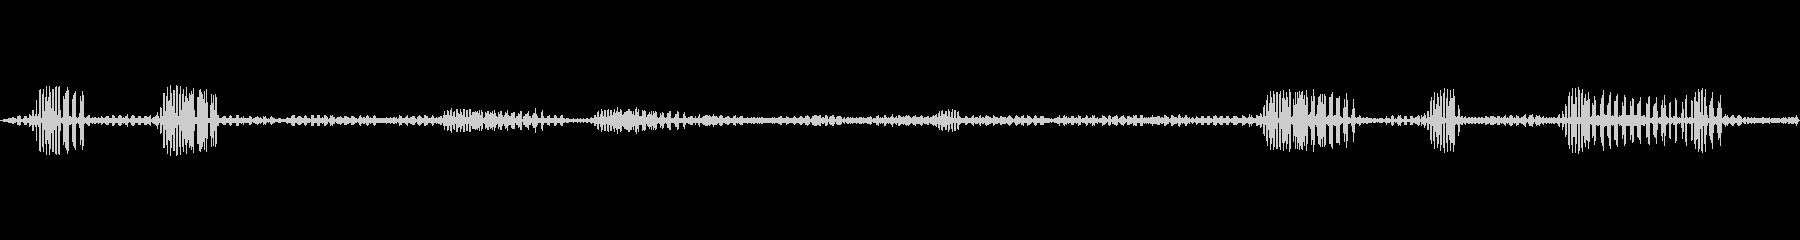 鈴虫,コオロギ/秋の夜/ループ可能!01の未再生の波形